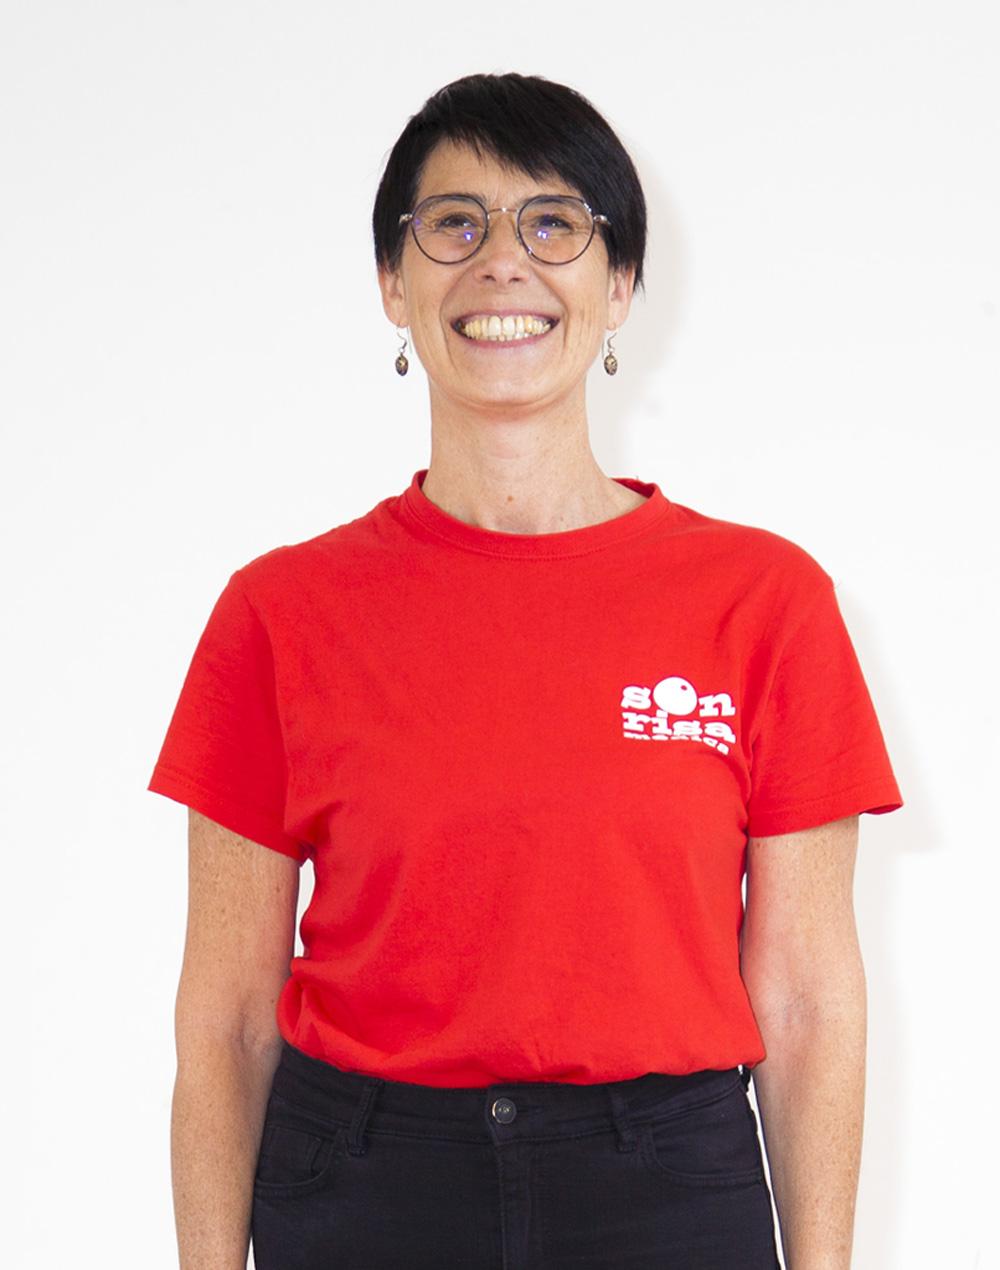 Mª JOSÉ SUÁREZ RAMIRO